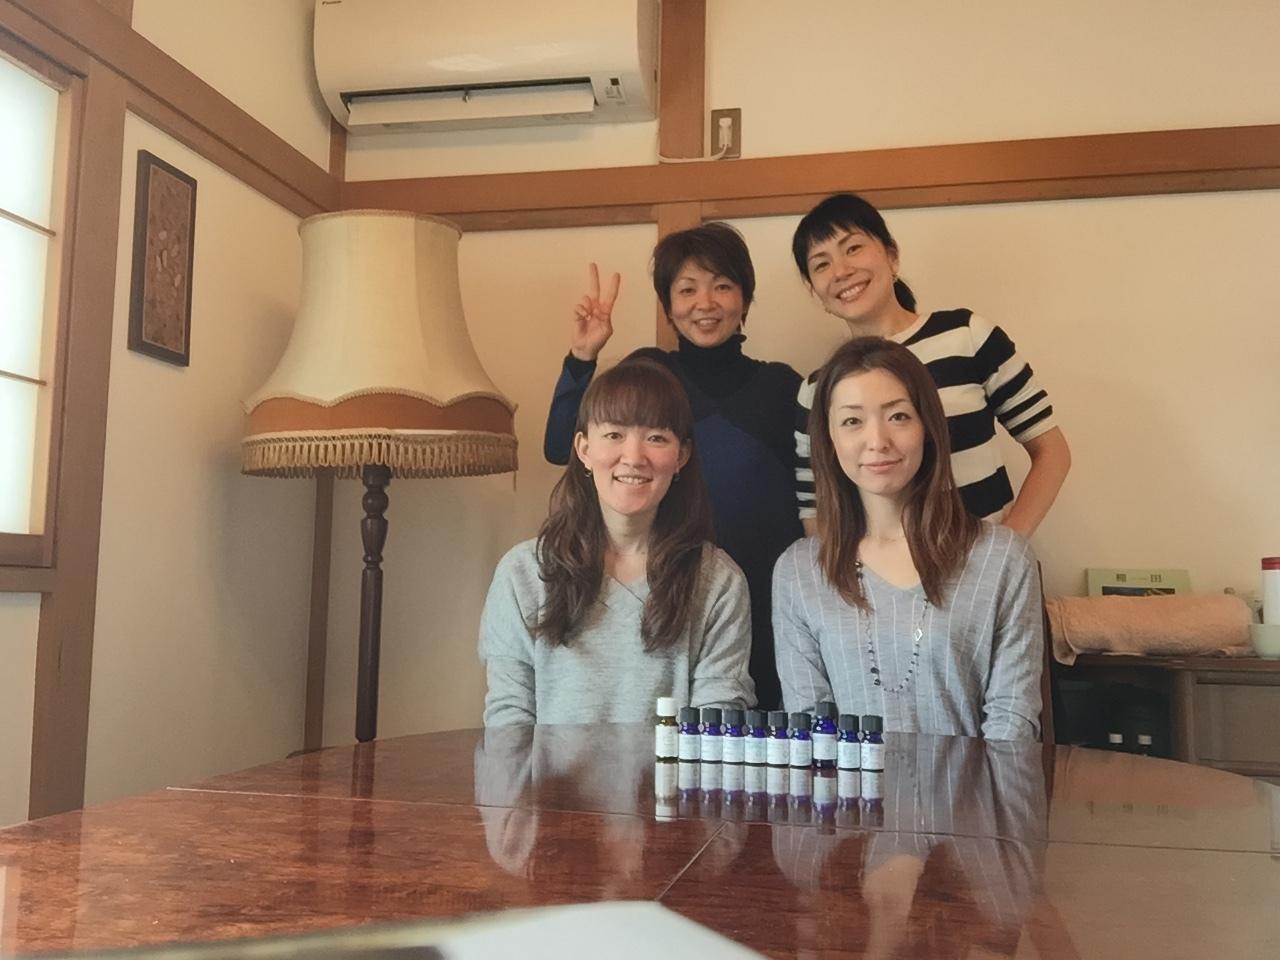 鎌倉でのWSが終了しました_a0267845_19005473.jpg